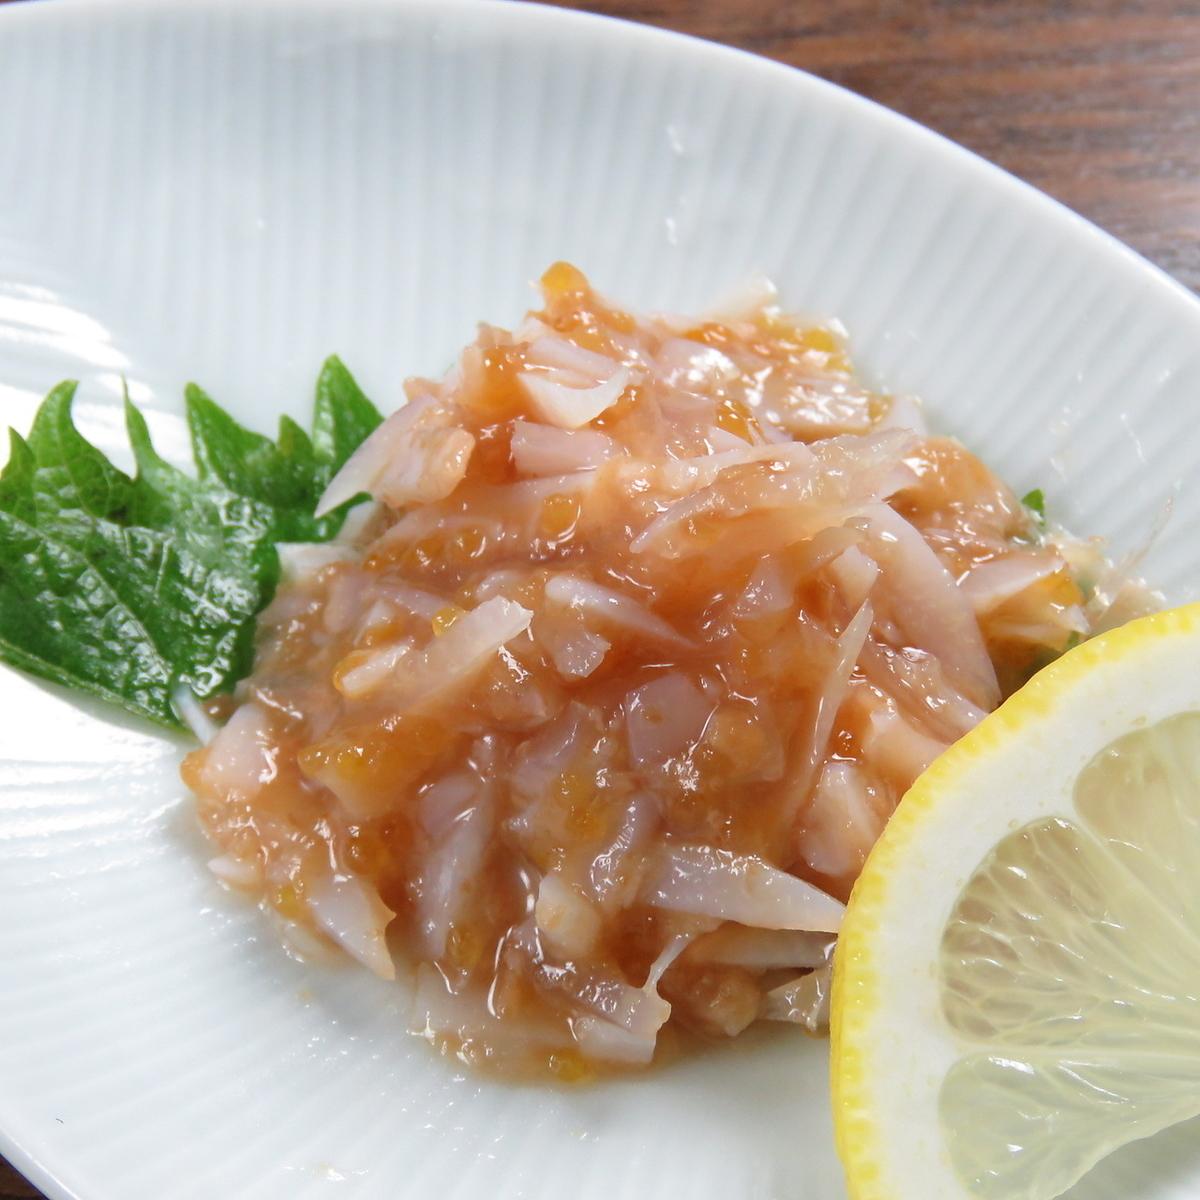 Plum quartz (delicacy)